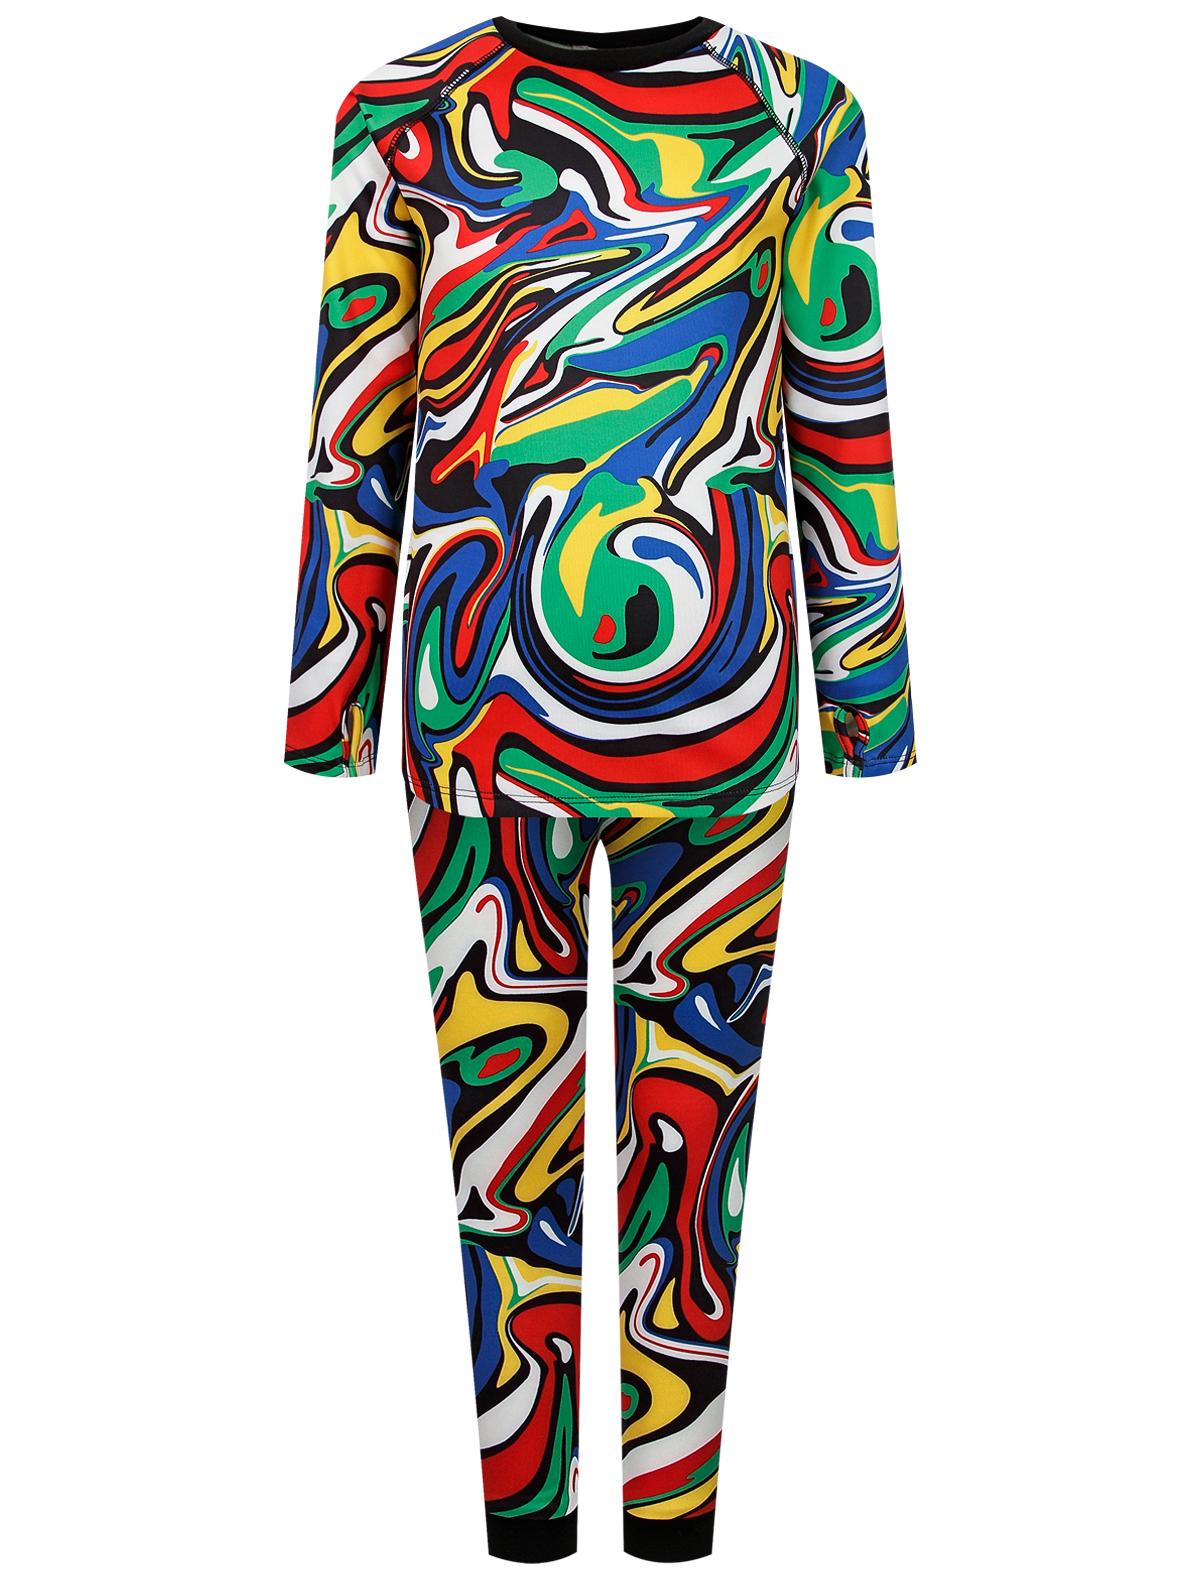 Купить 2333781, Костюм спортивный Stella McCartney, разноцветный, 6004509180229